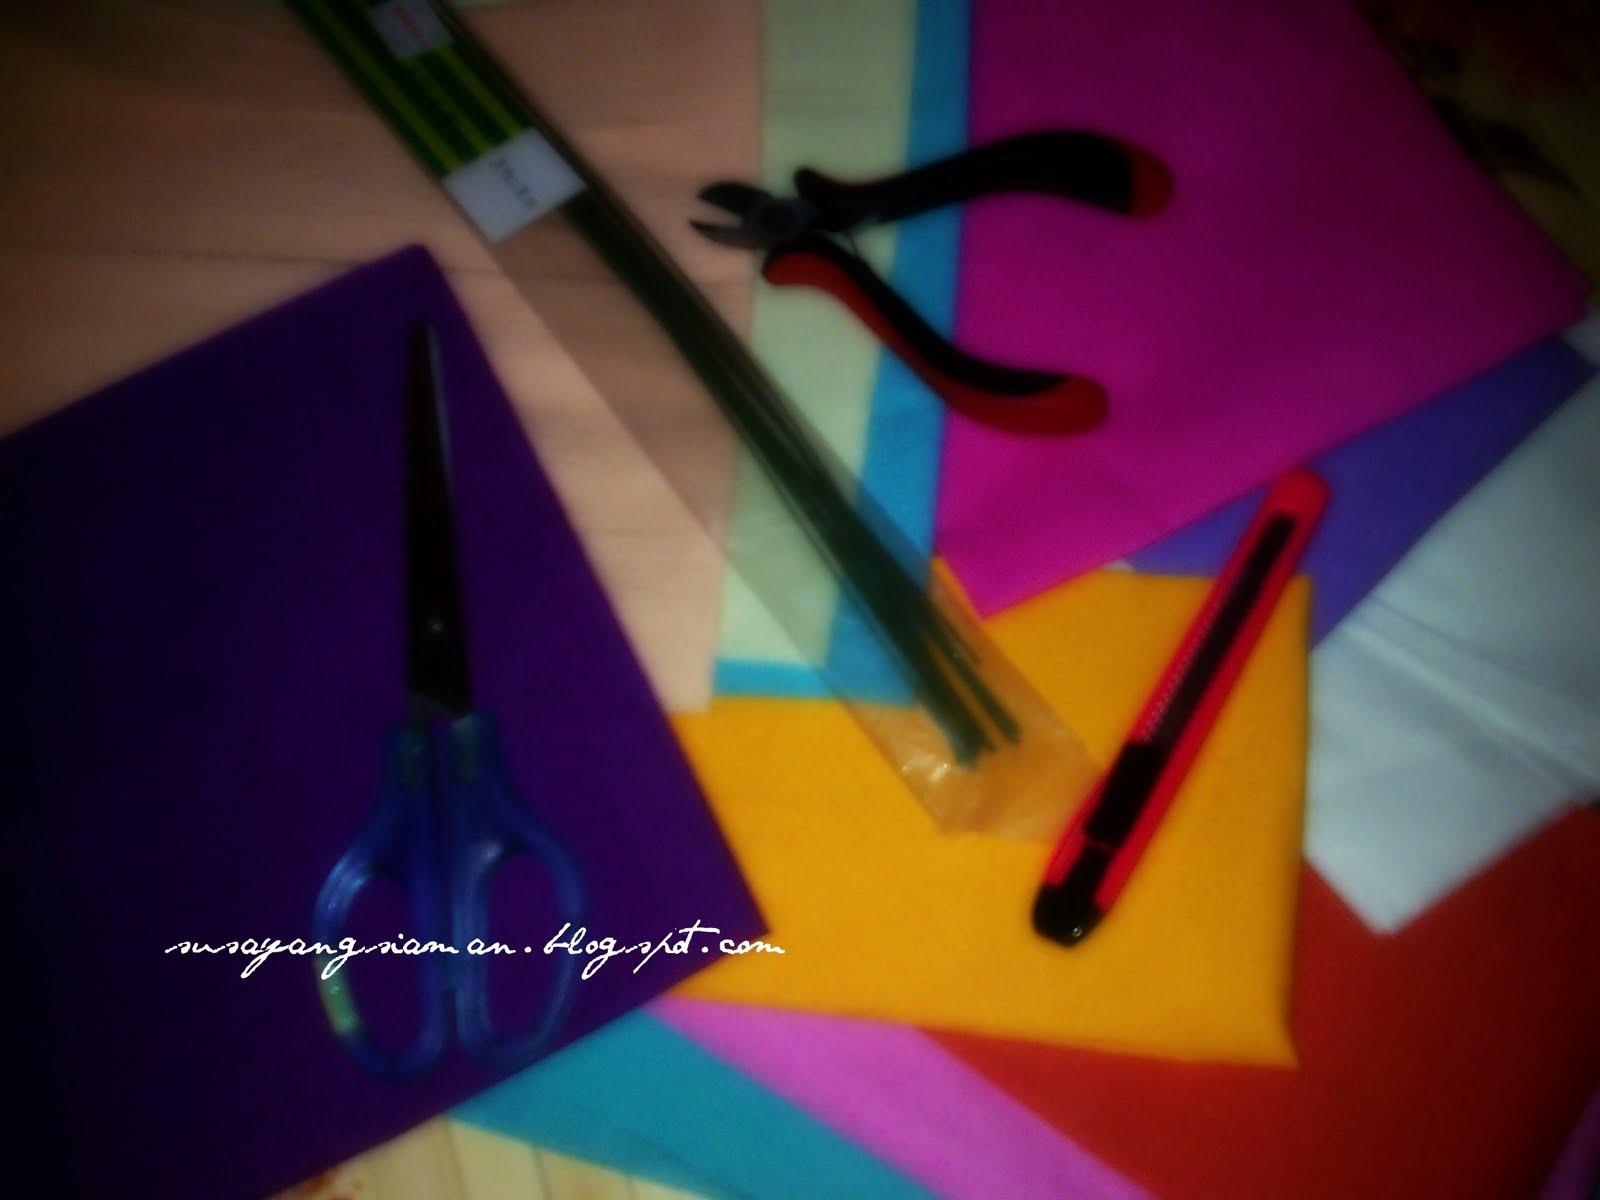 http://1.bp.blogspot.com/-ab9fy0jM3Ns/Tabwk370zBI/AAAAAAAAAGY/wb_qEp1ll34/s1600/Image229.jpg